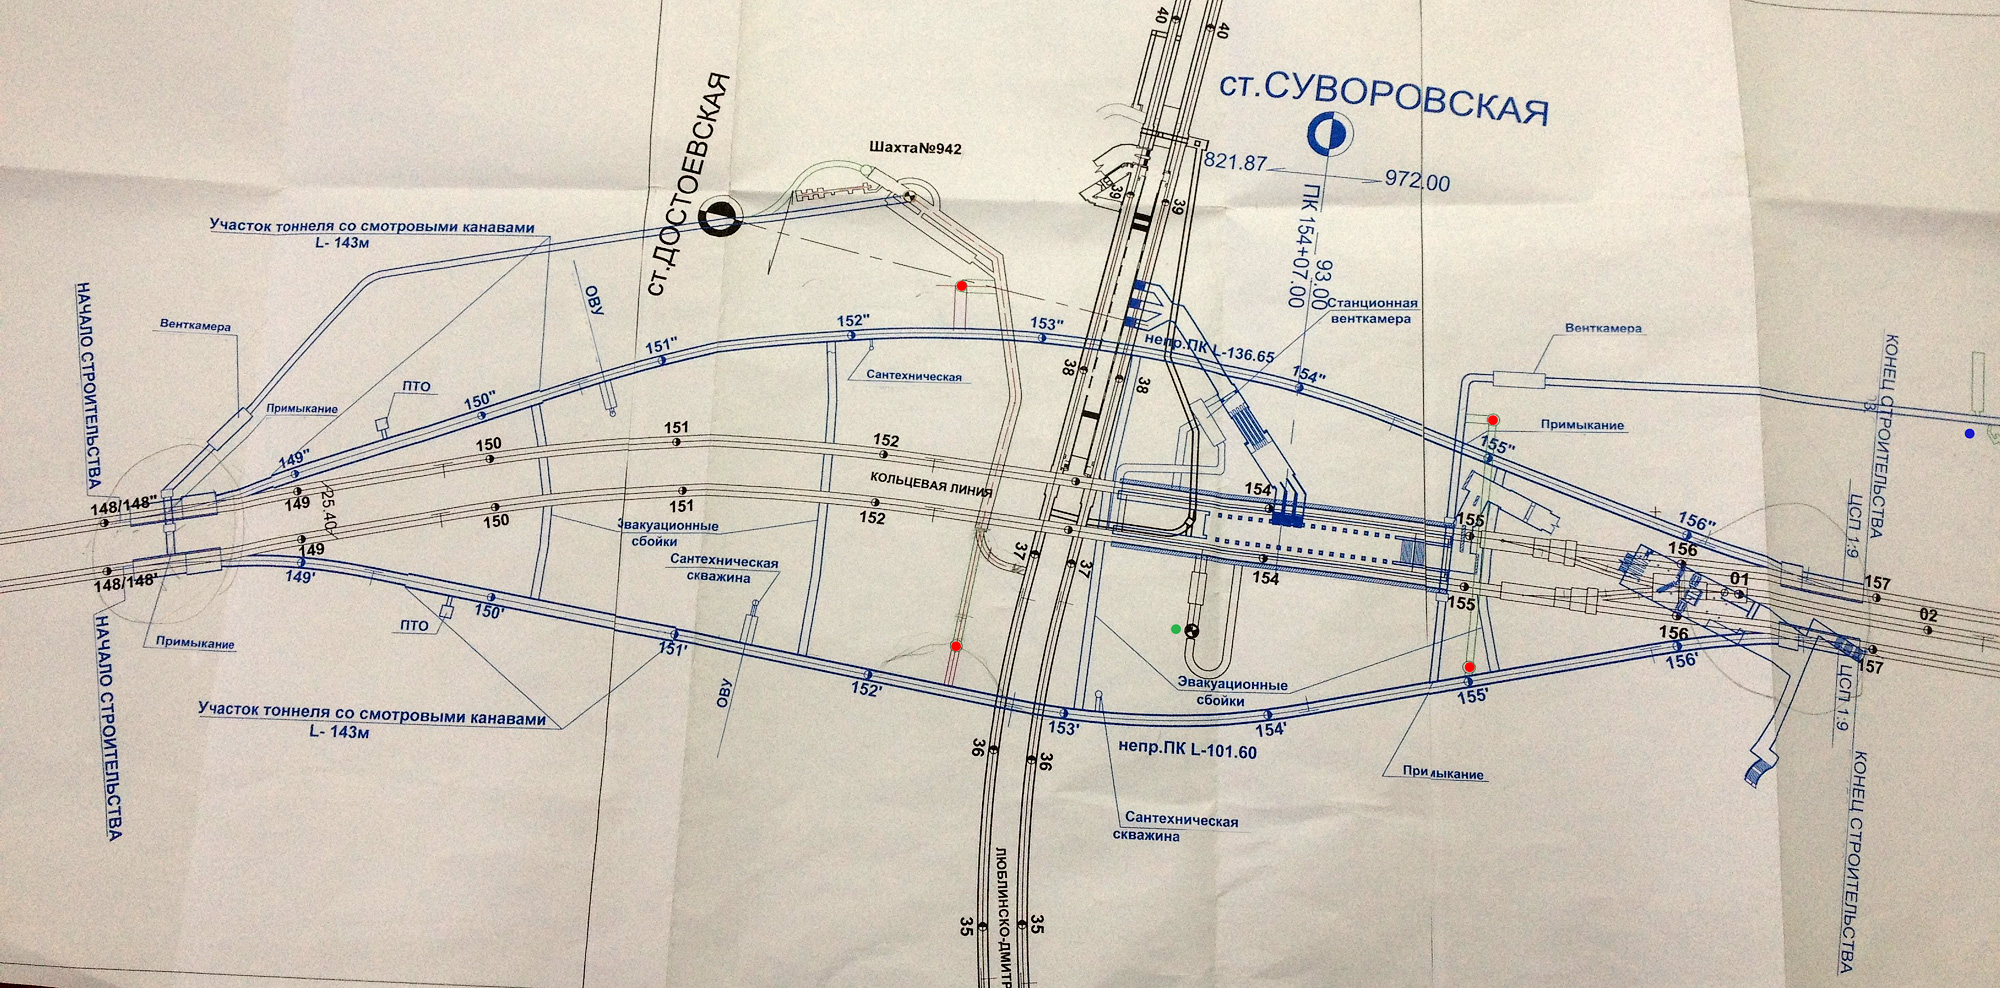 схема станции метро арбатская